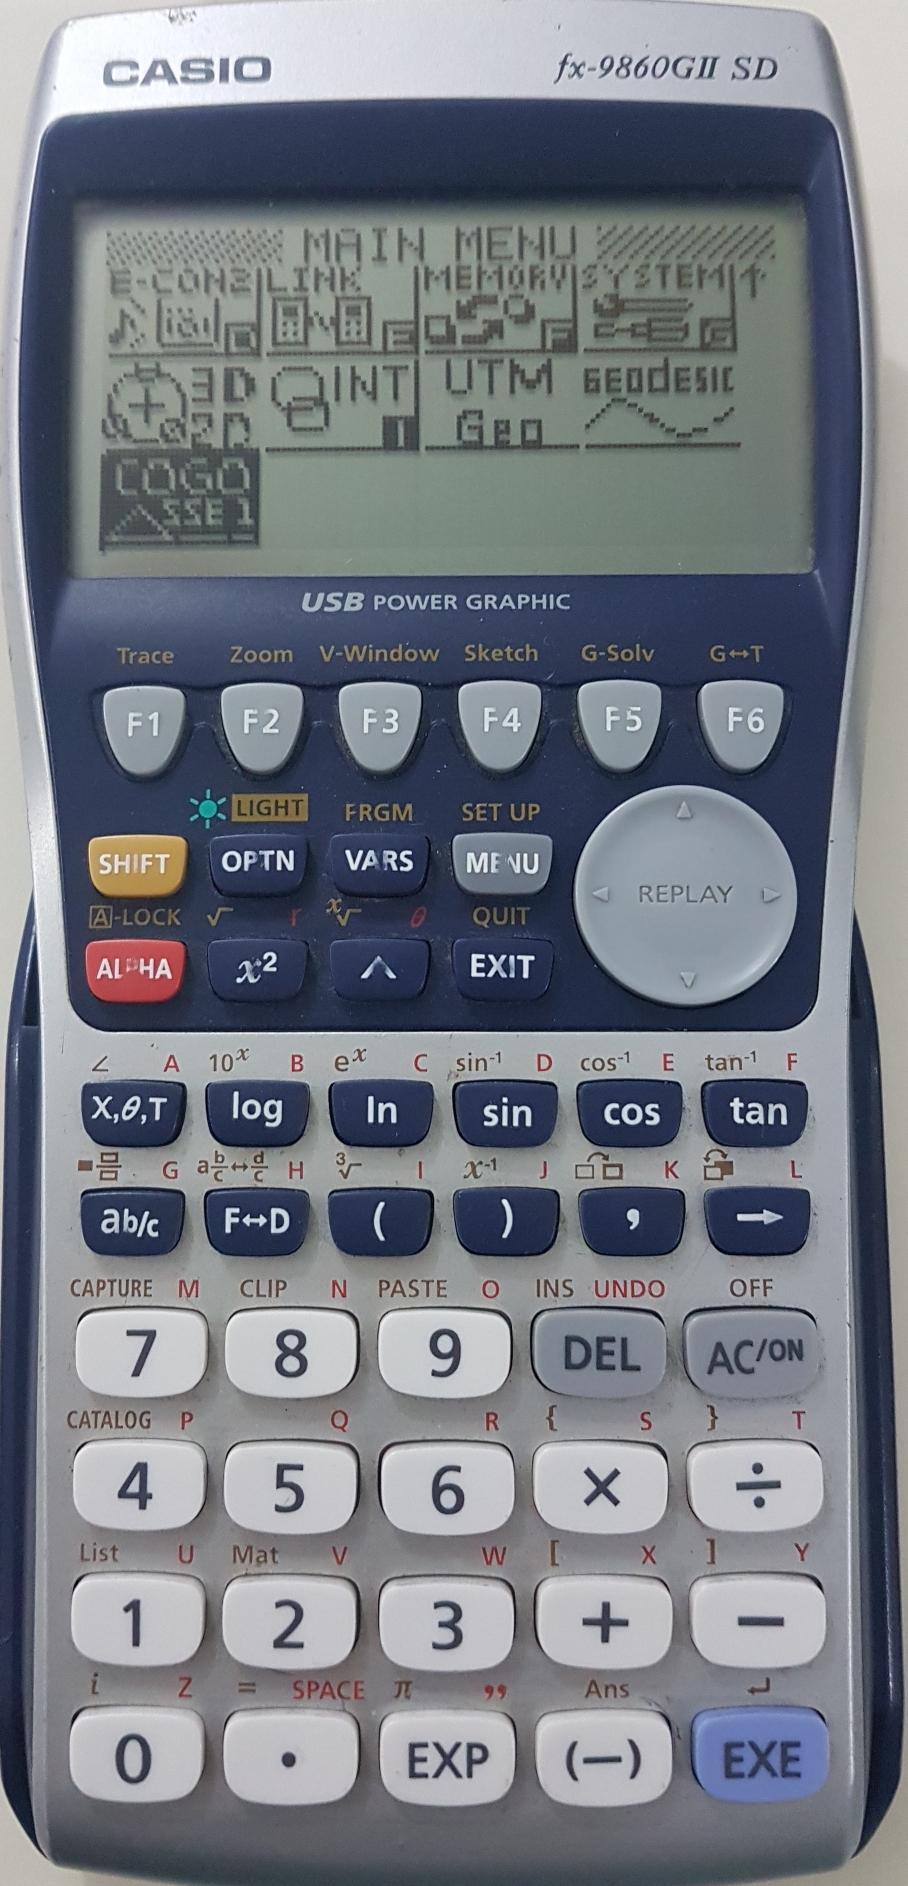 ติดปีกเครื่องคิดเลขเทพ Casio fx 9860G II SD ด้วยโปรแกรมภาษาซีบน AddIn ตอนที่ 4 โปรแกรมพื้นฐานงานสำรวจชุดที่ 1 (COGO SSE 1)